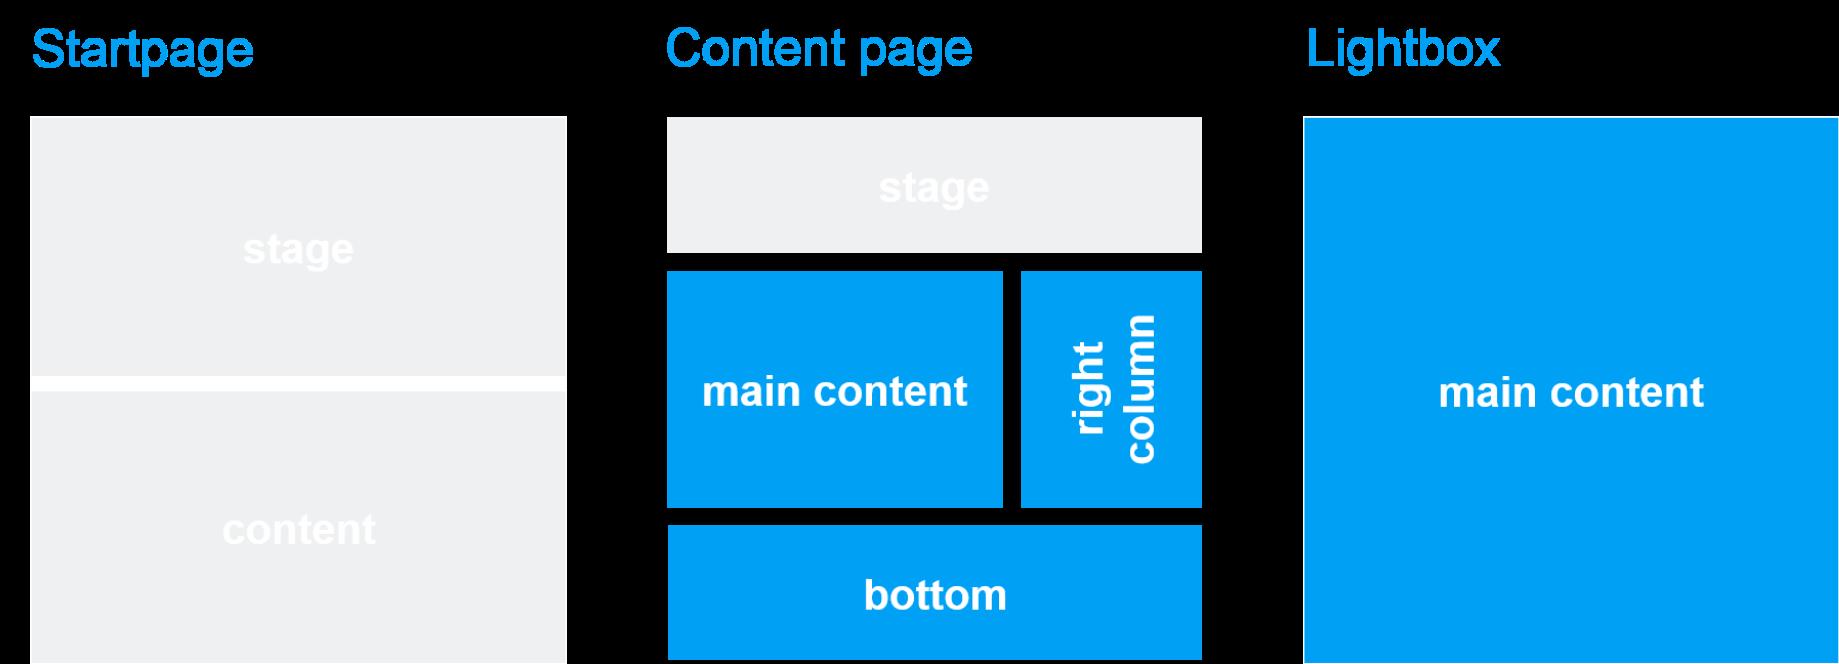 Template und Seitenbereich: Image